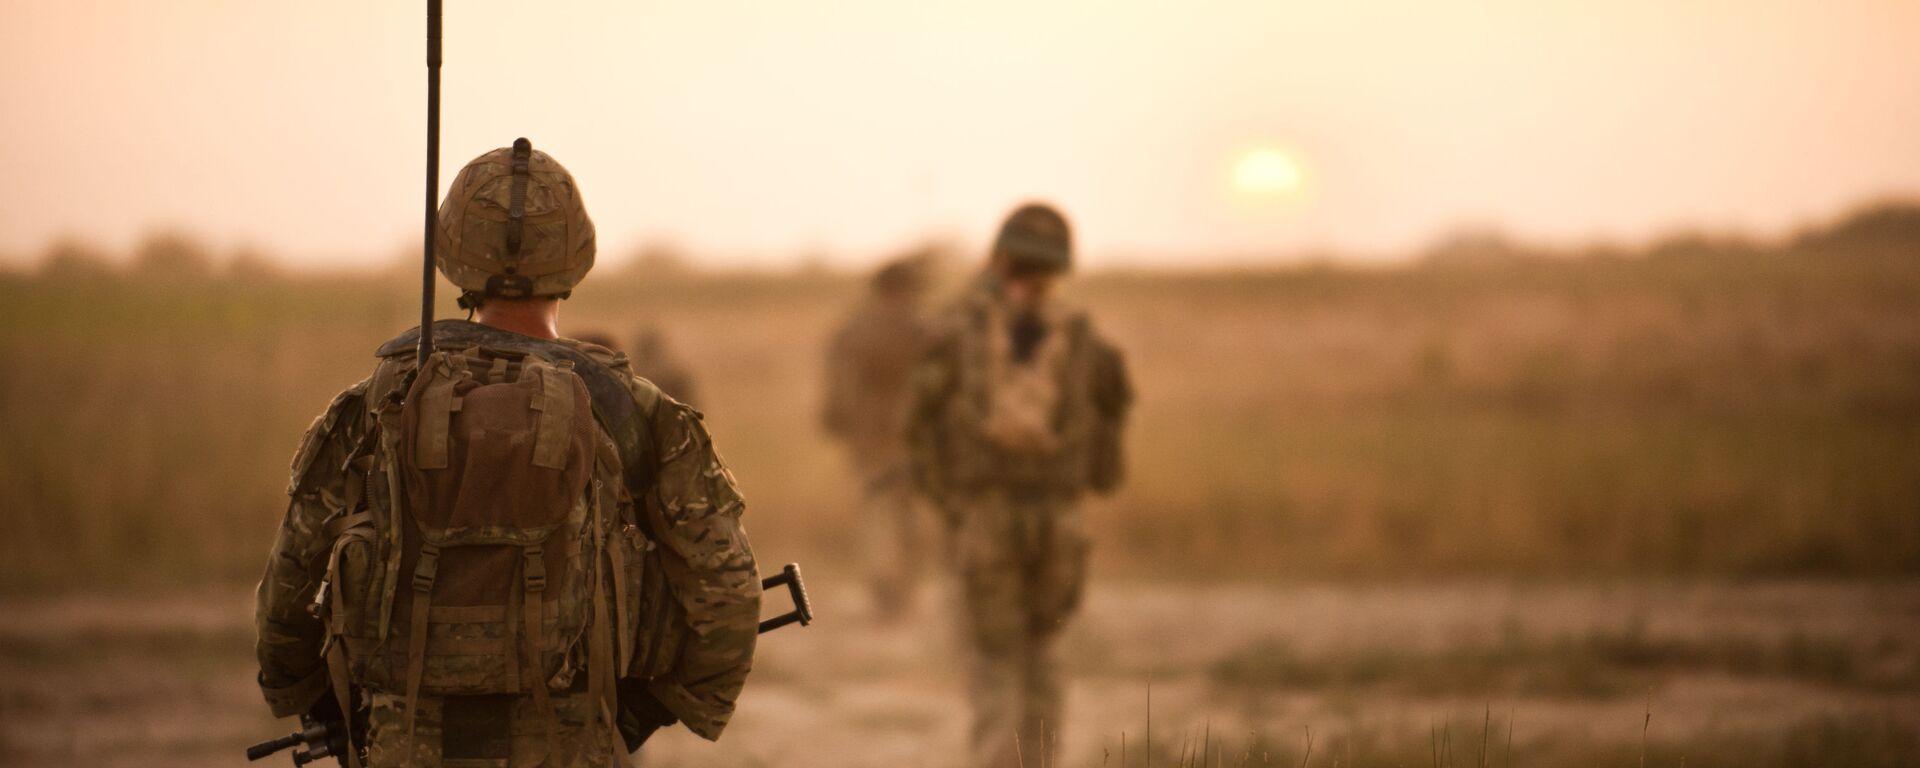 Brytyjscy żołnierze na patrolu w Afganistanie - Sputnik Polska, 1920, 22.04.2021